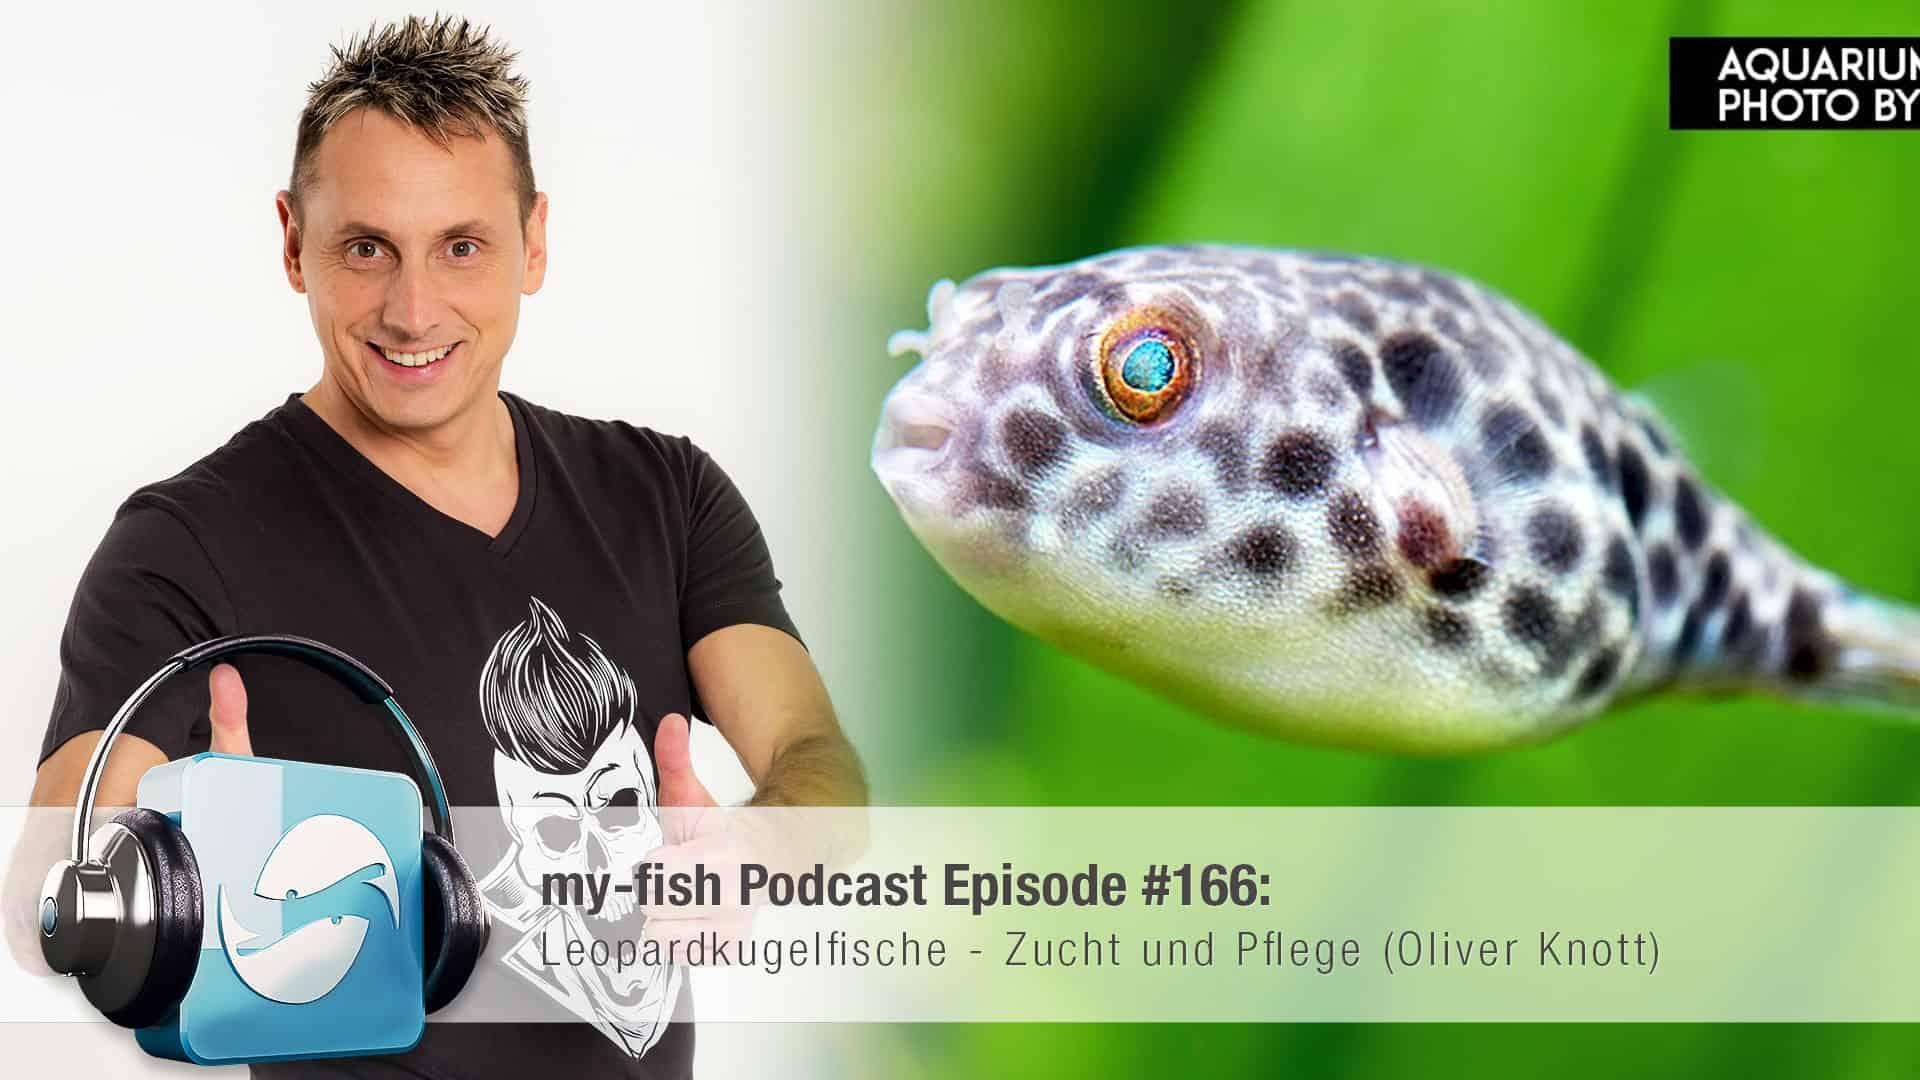 Podcast Episode #166: Leopardkugelfische - Zucht und Pflege (Oliver Knott) 1